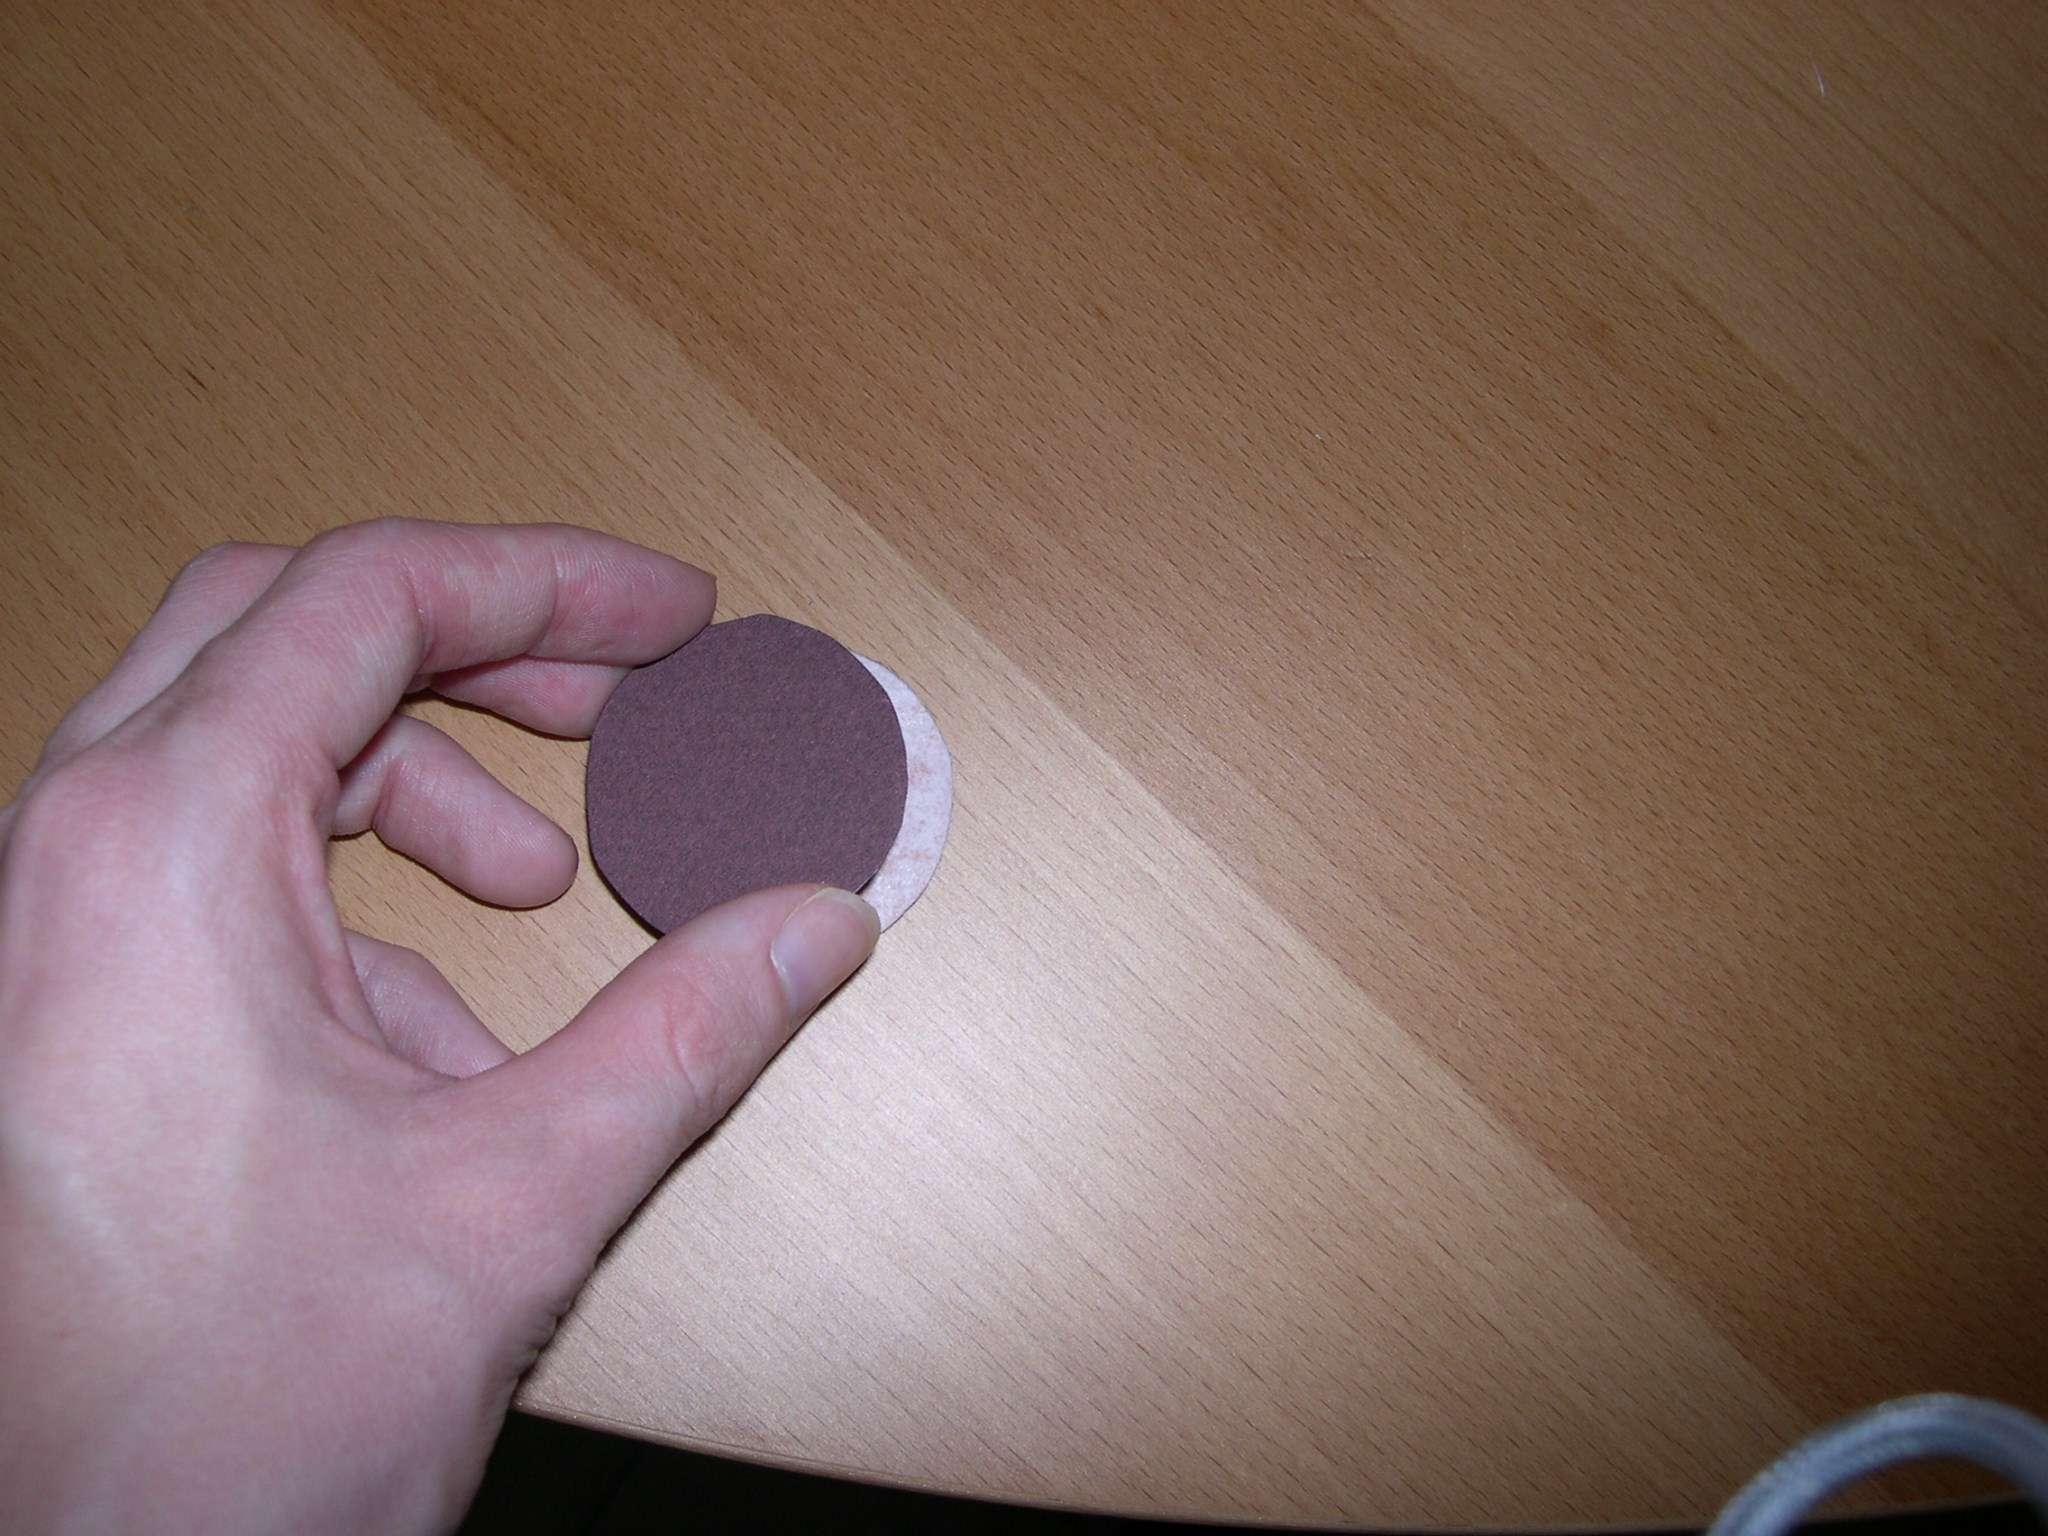 réalisation modèle exemple faire part invitation mariage thème asie zen loisirs créatifs bricolage faire soi même carte triptyque brun chocolat bleu ciel orange perle ruban bouton en tapisserie